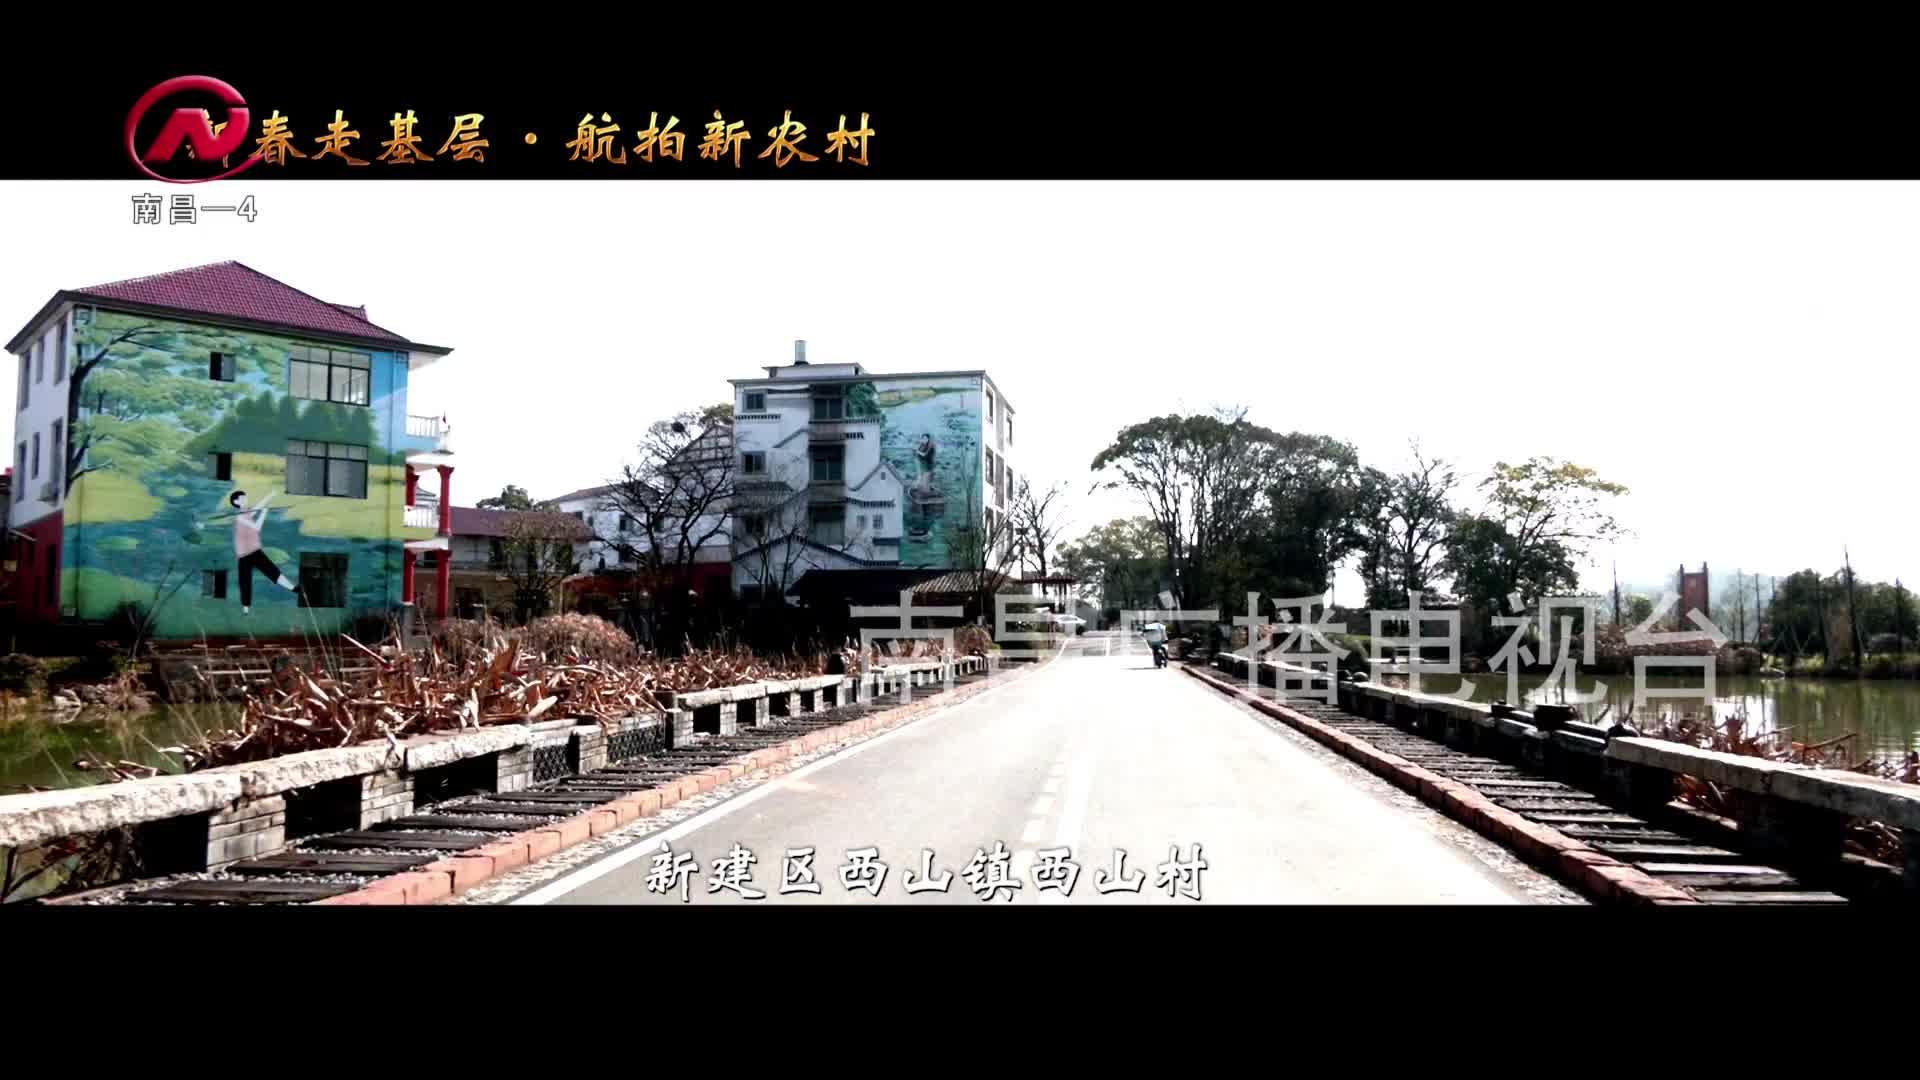 【豫章農視】西山村:發展生態旅游  打造美麗鄉村